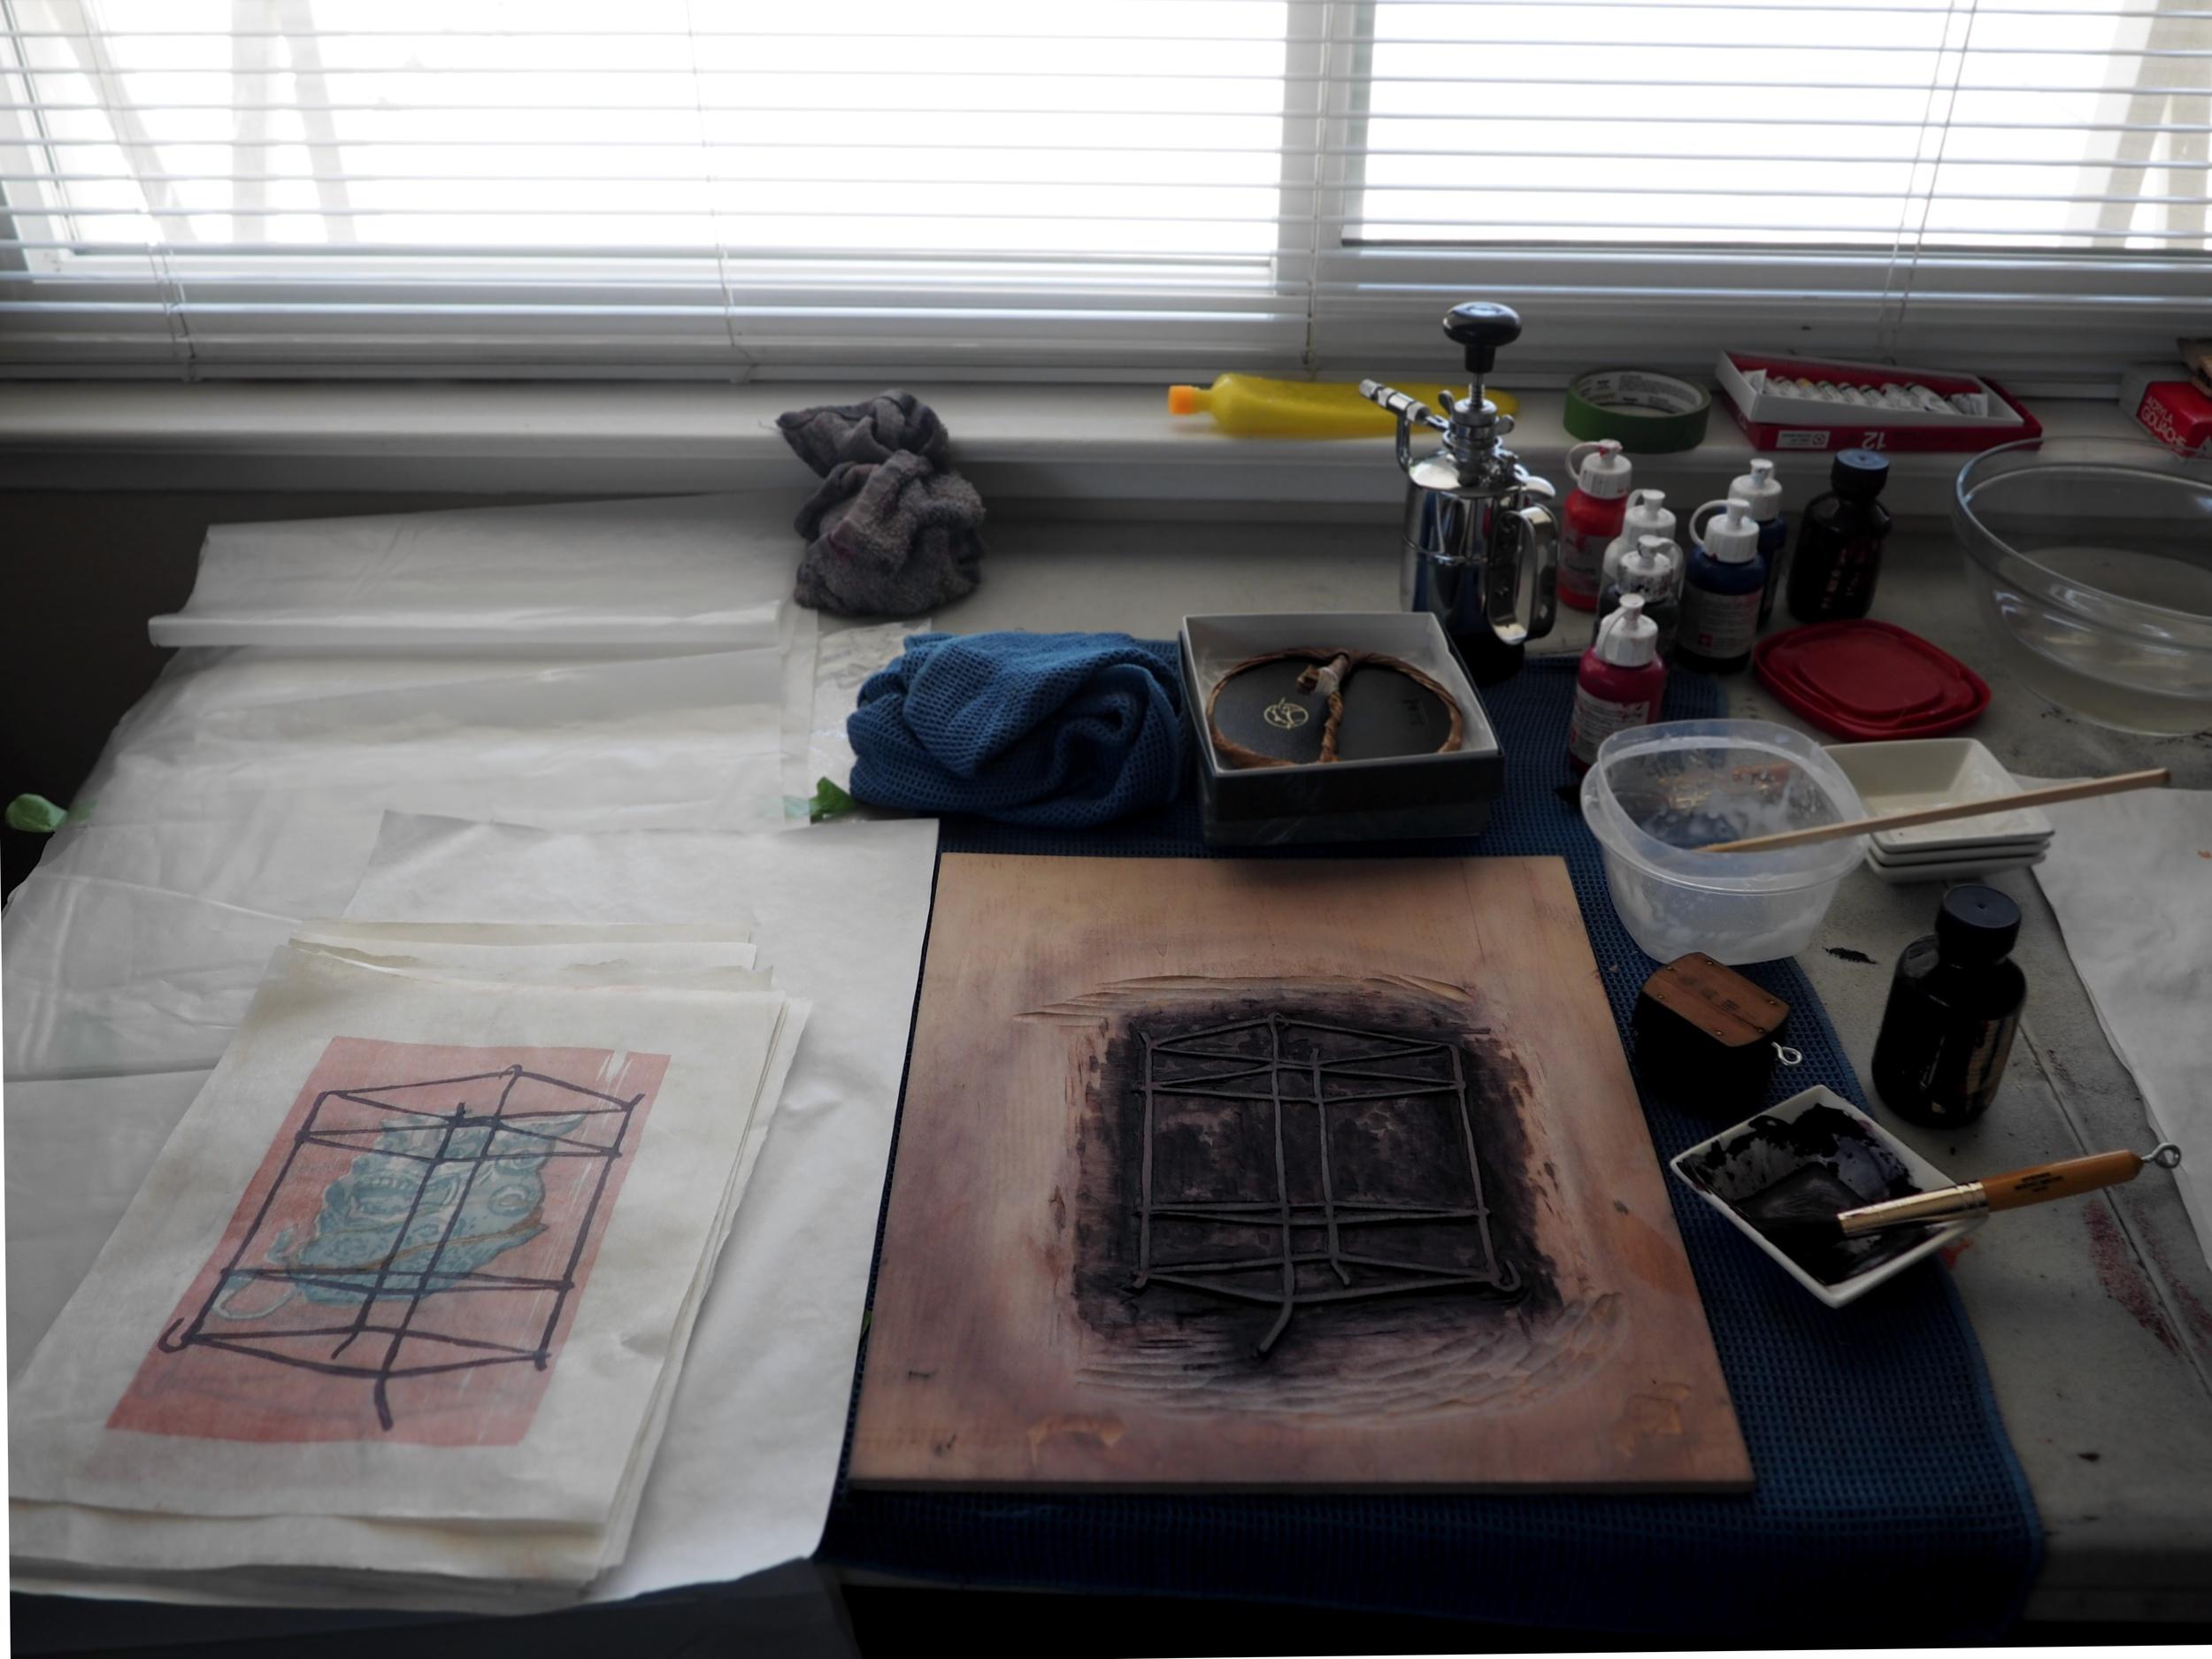 14-06-11 - process - printing cage.jpg